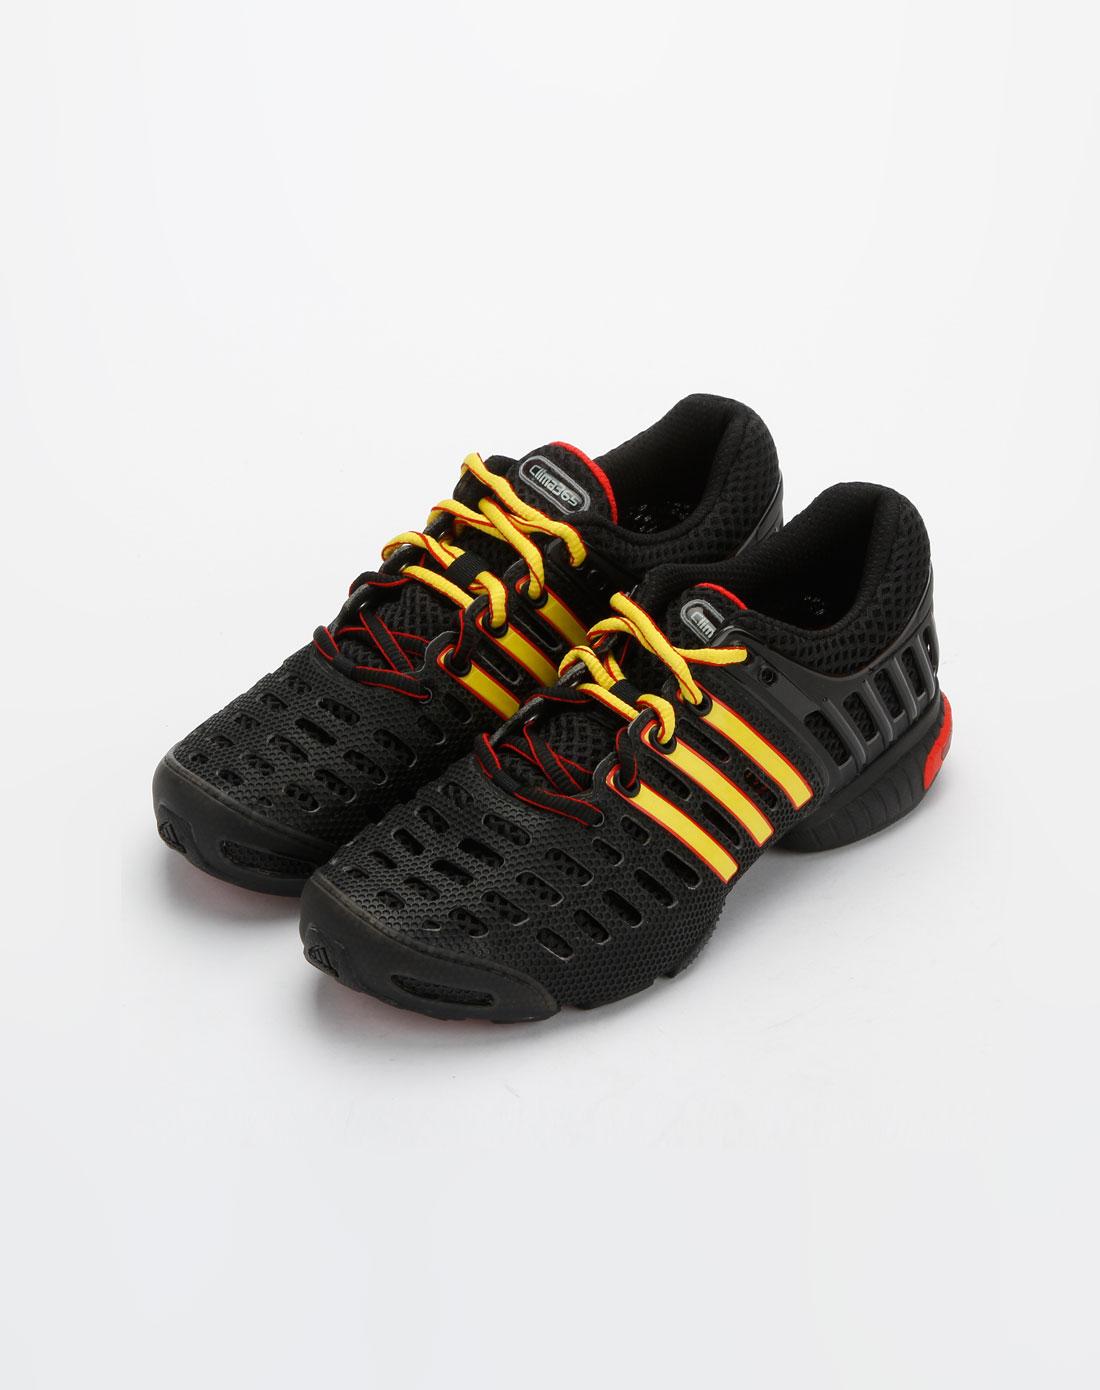 阿迪达斯adidas男装专场-中性黑/黄/红色镂空系带运动鞋图片